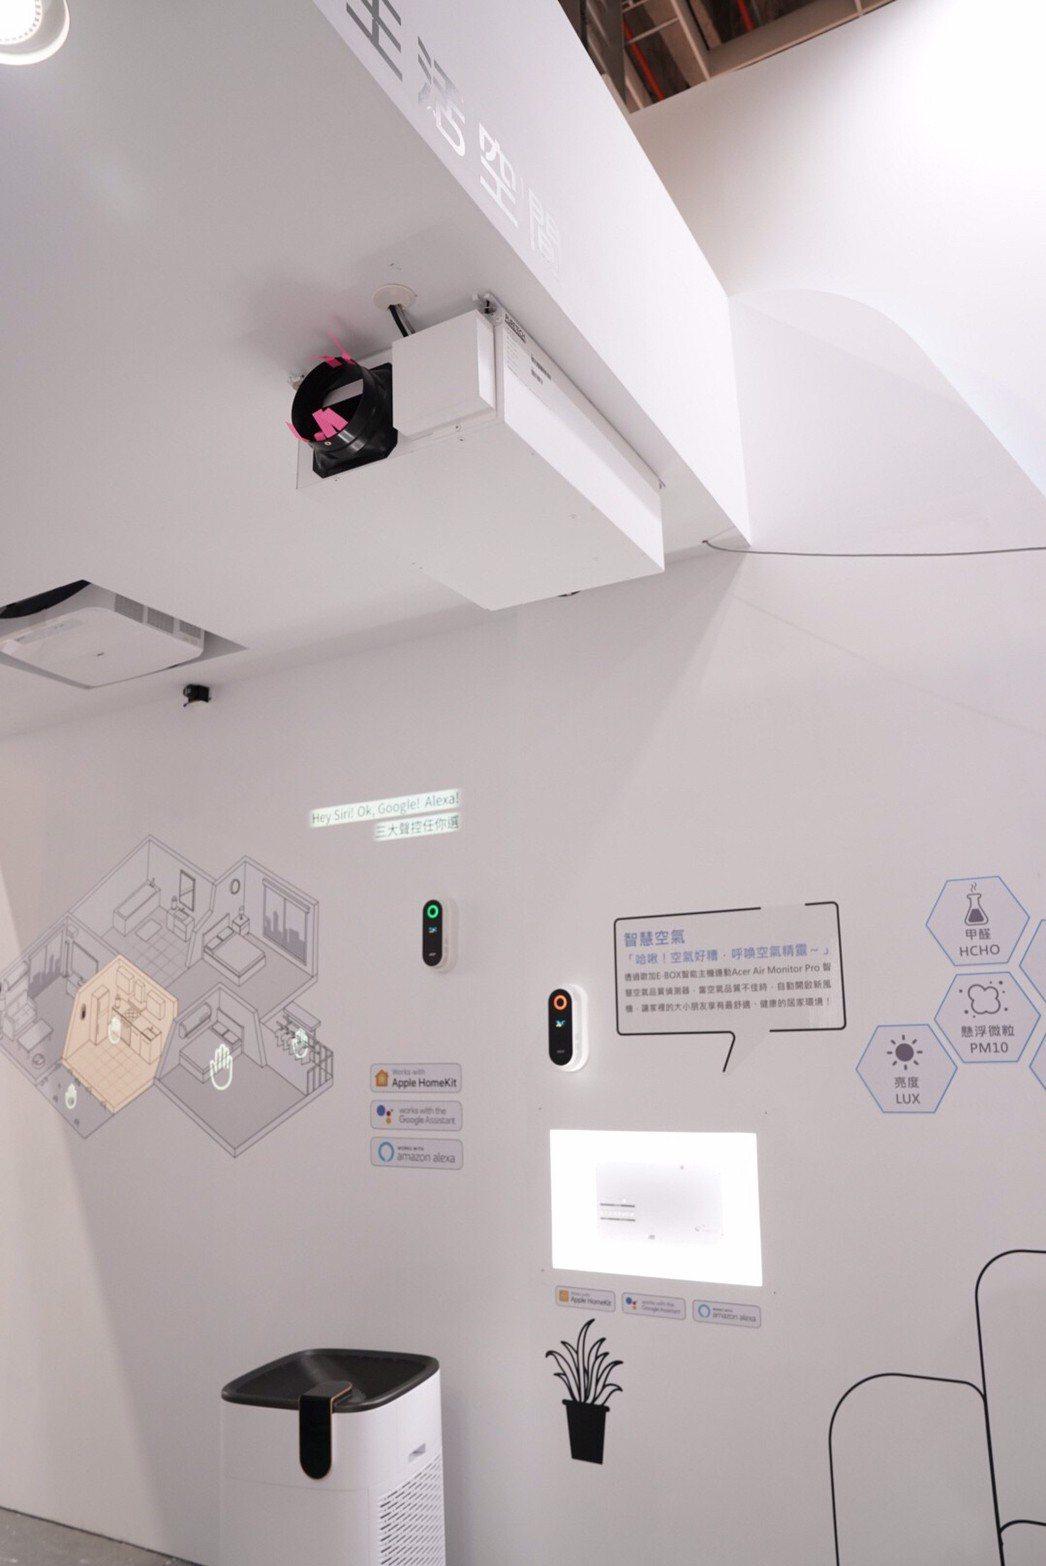 宏碁Air Monitor Pro空氣偵測串聯改善設備-海博特新風機,以保障優質...